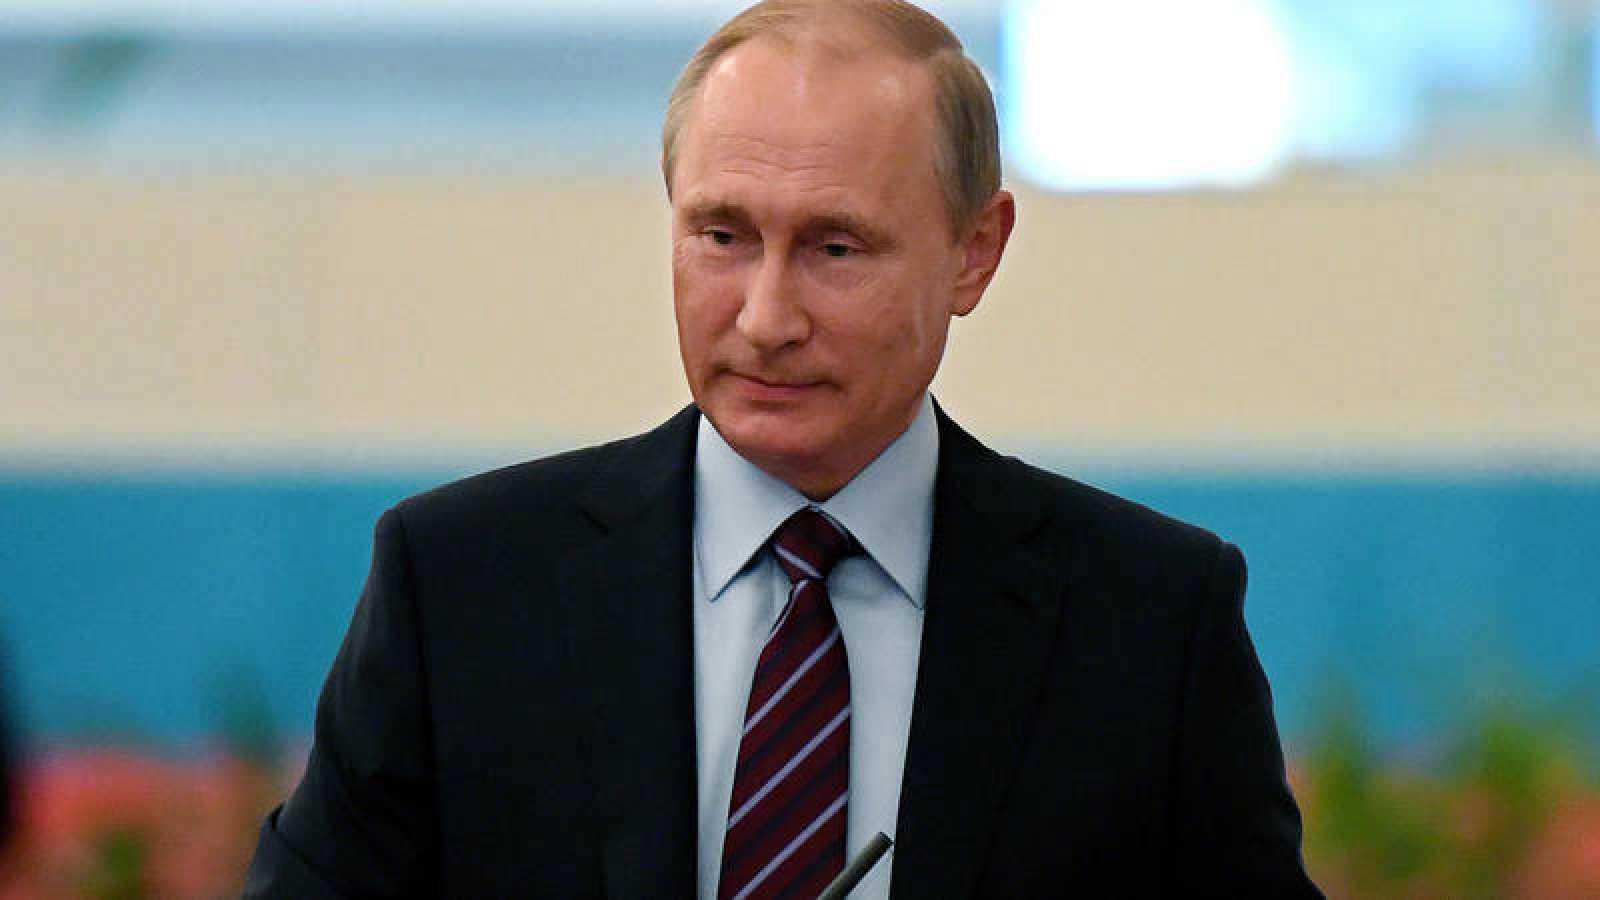 El presidente de Rusia, Vladimir Putin, en imagen de archivo.